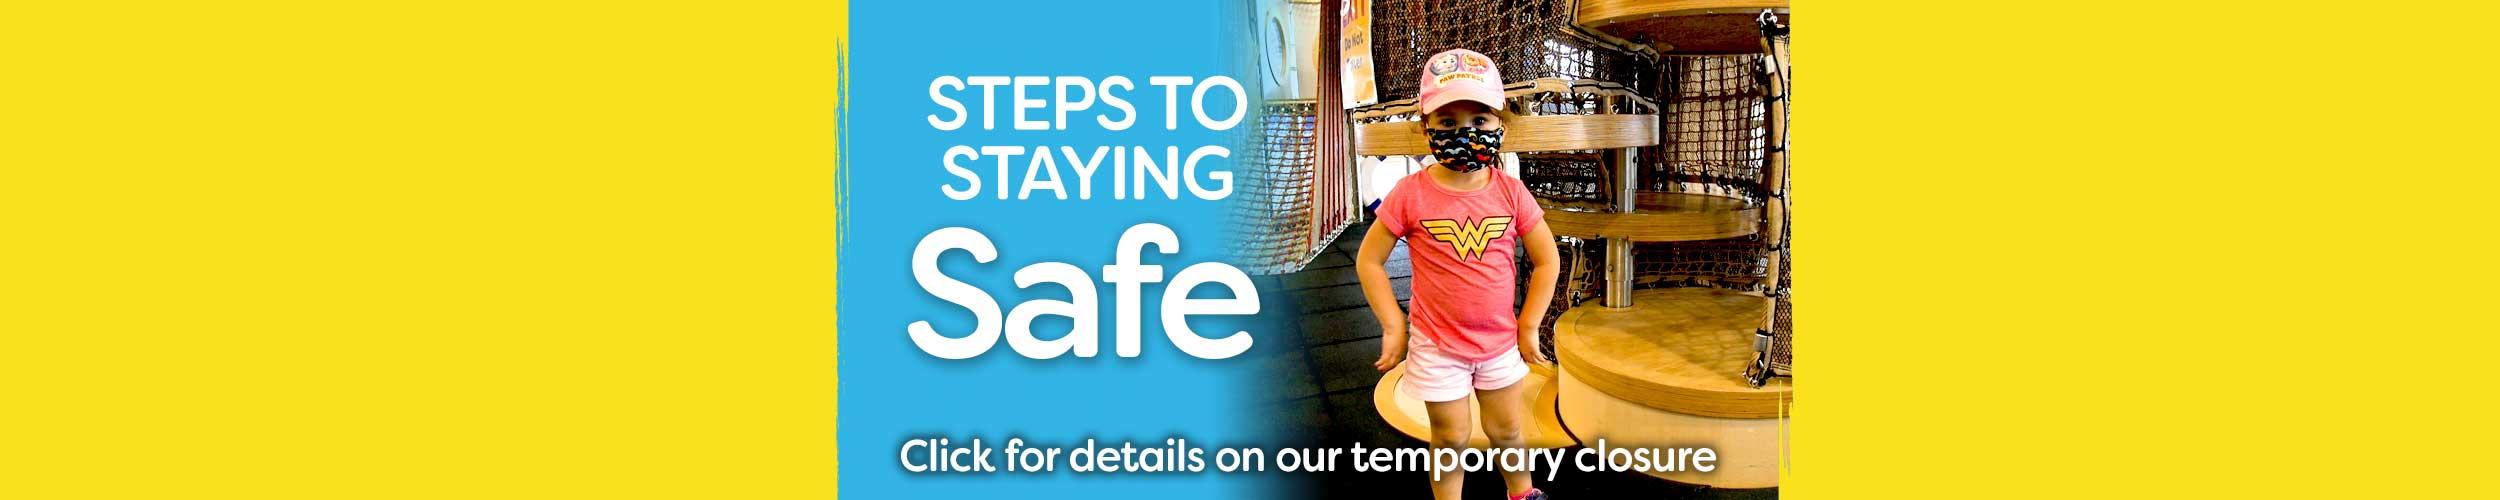 Steps-to-staying-safe-slider